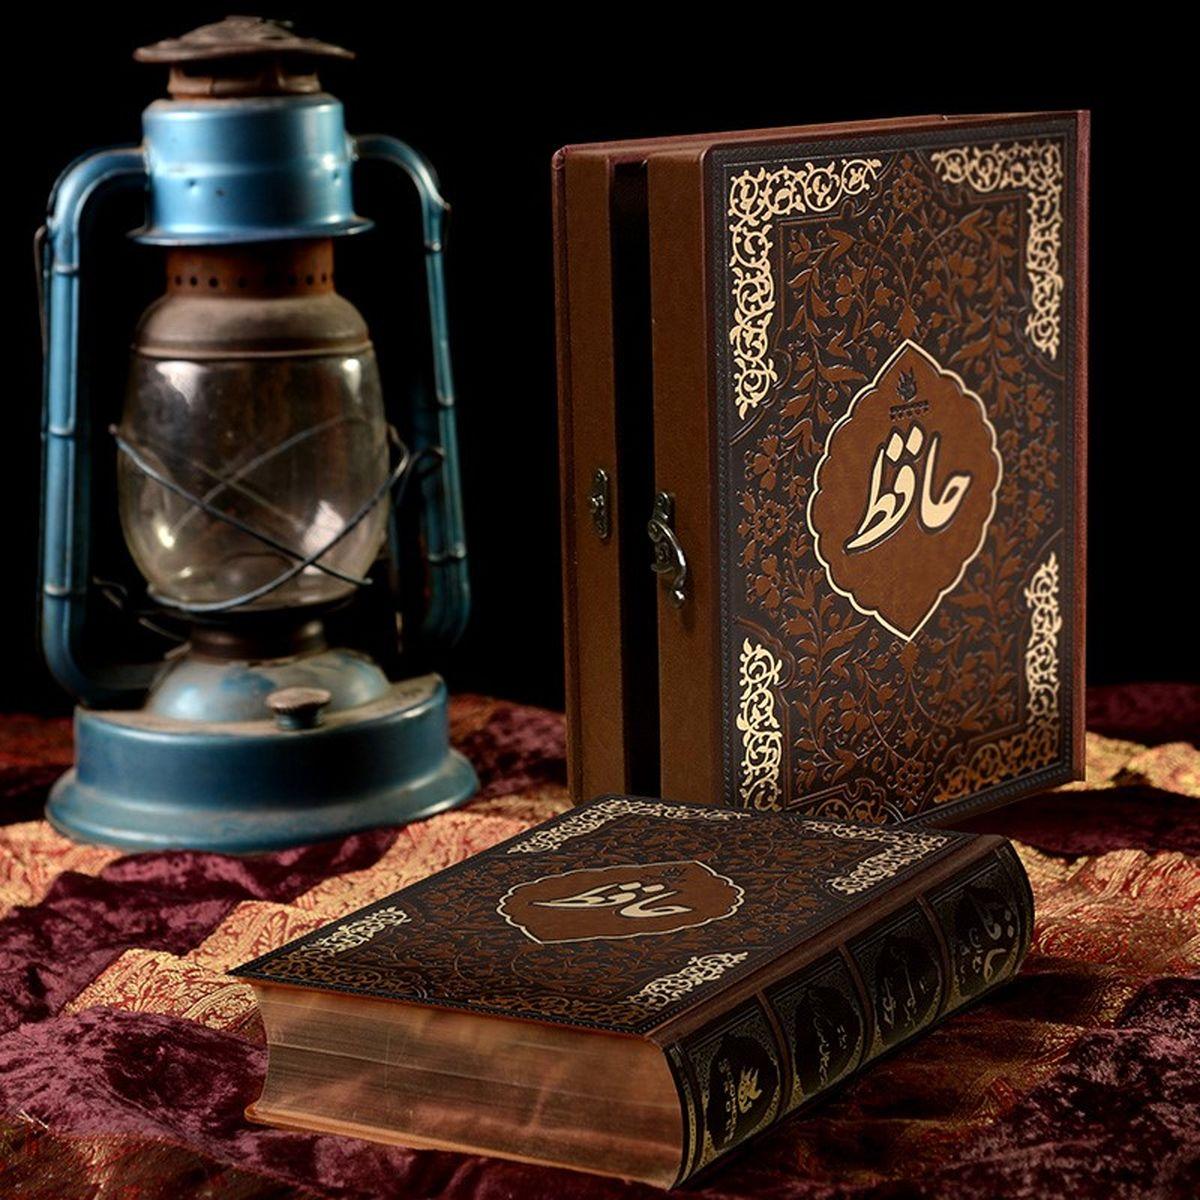 بهترین انتشاراتی کتاب نفیس در ایران، چه انتشاراتی می باشد؟